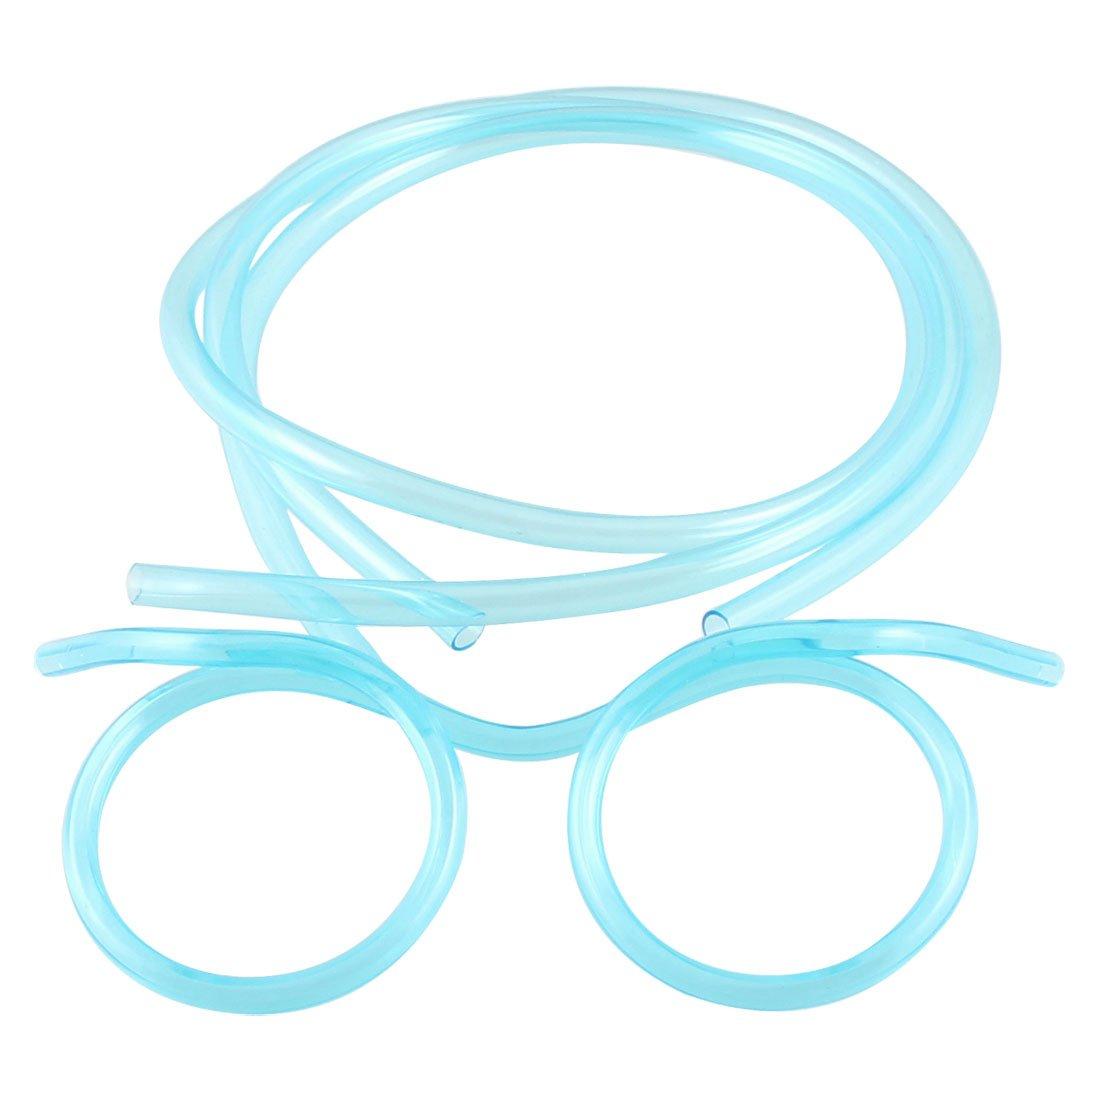 clear blue plastic straw glasses eyeglasses for